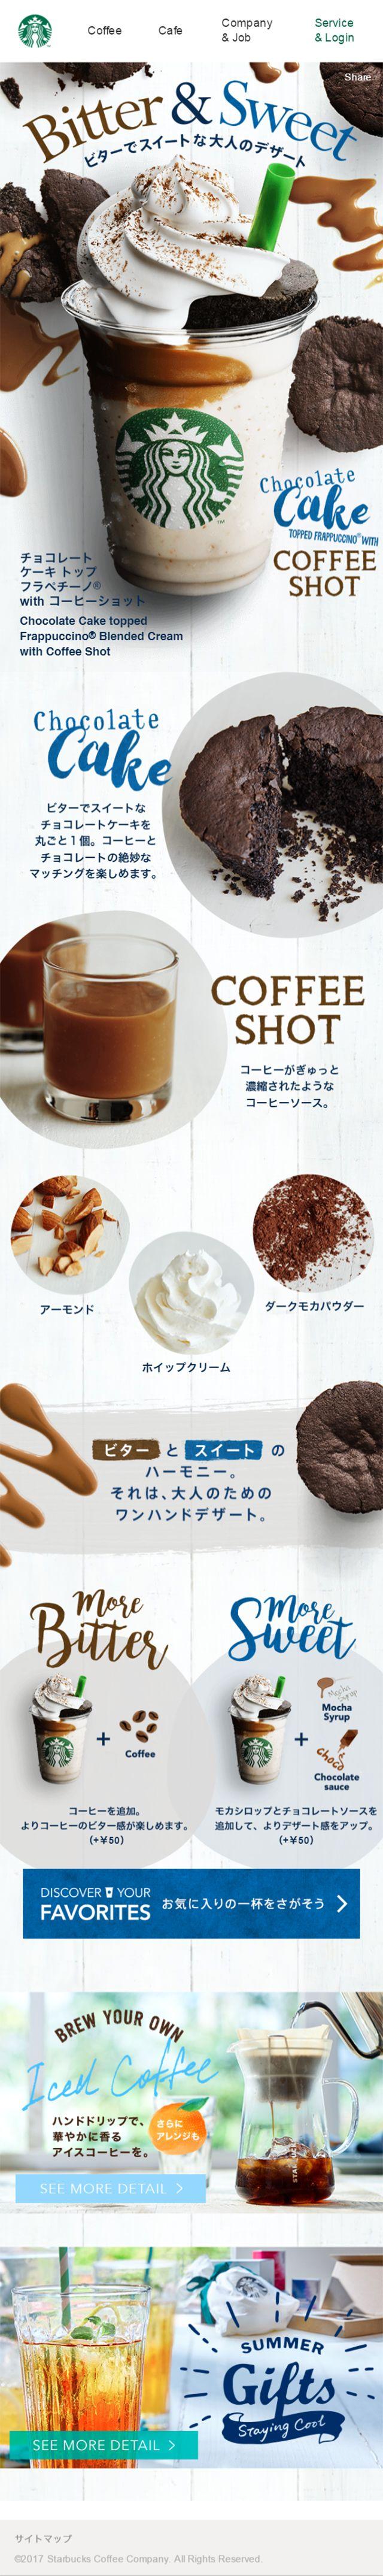 チョコレート ケーキ トップ フラペチーノ with コーヒーショット WEBデザイナーさん必見!スマホランディングページのデザイン参考に(かっこいい系)